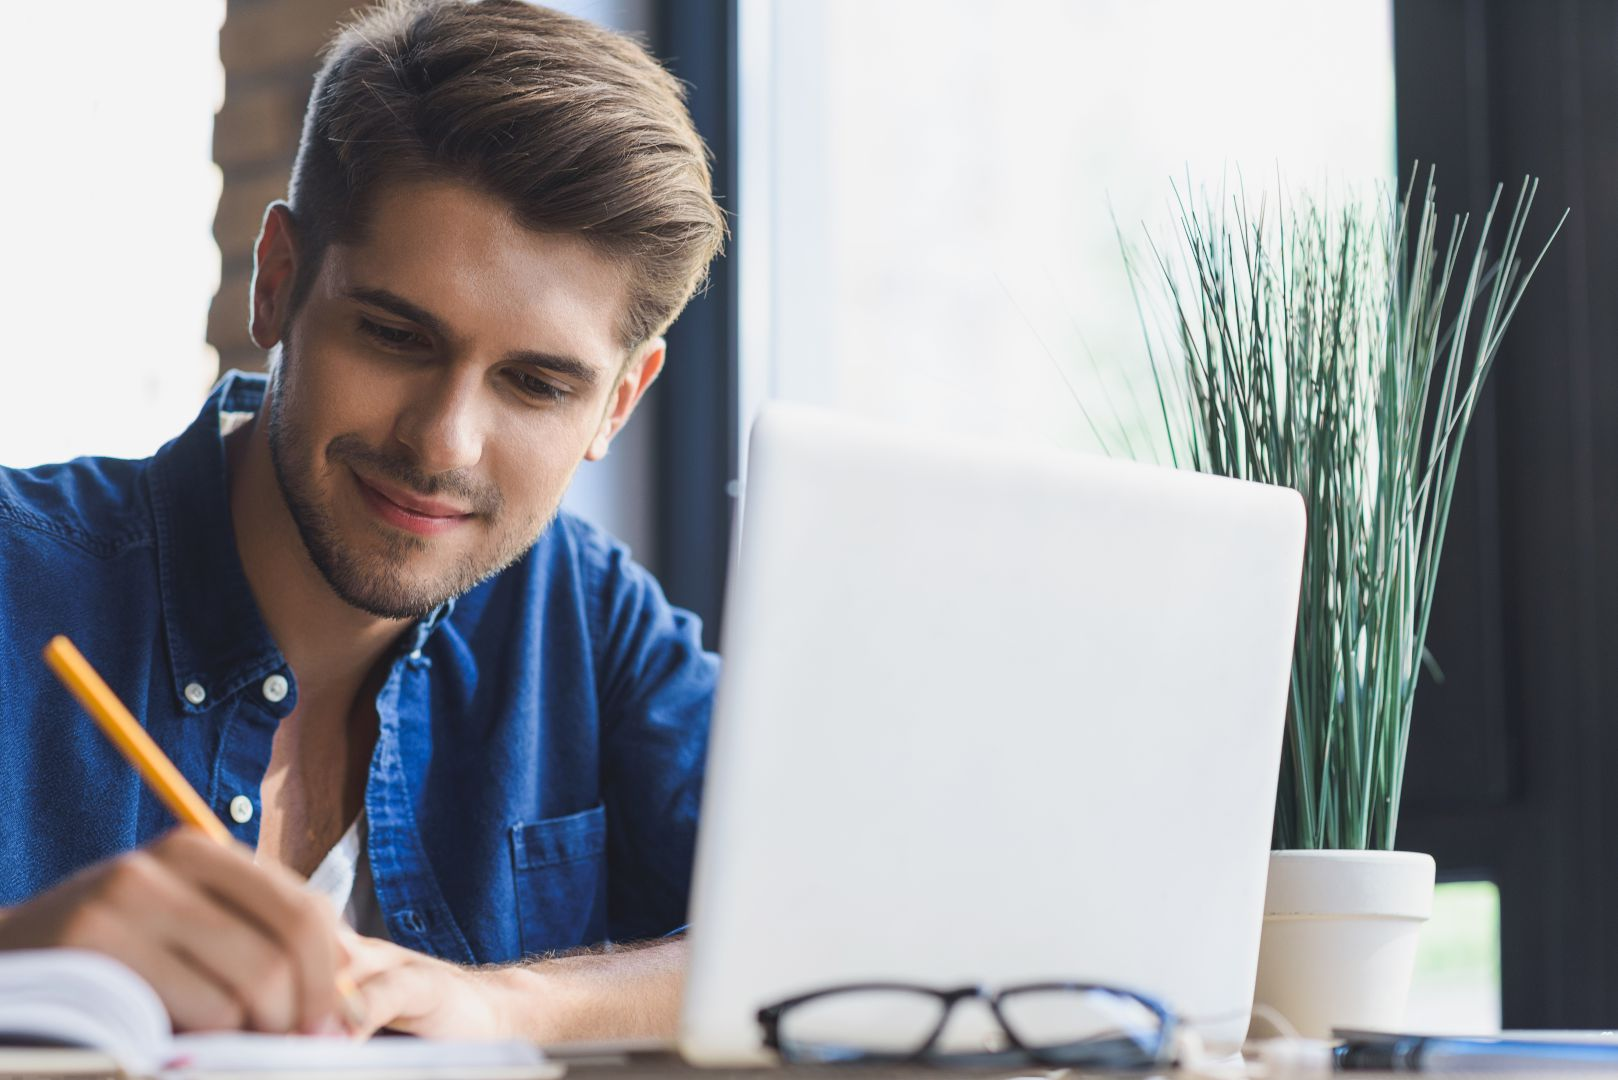 Homme devant son ordinateur prenant des notes